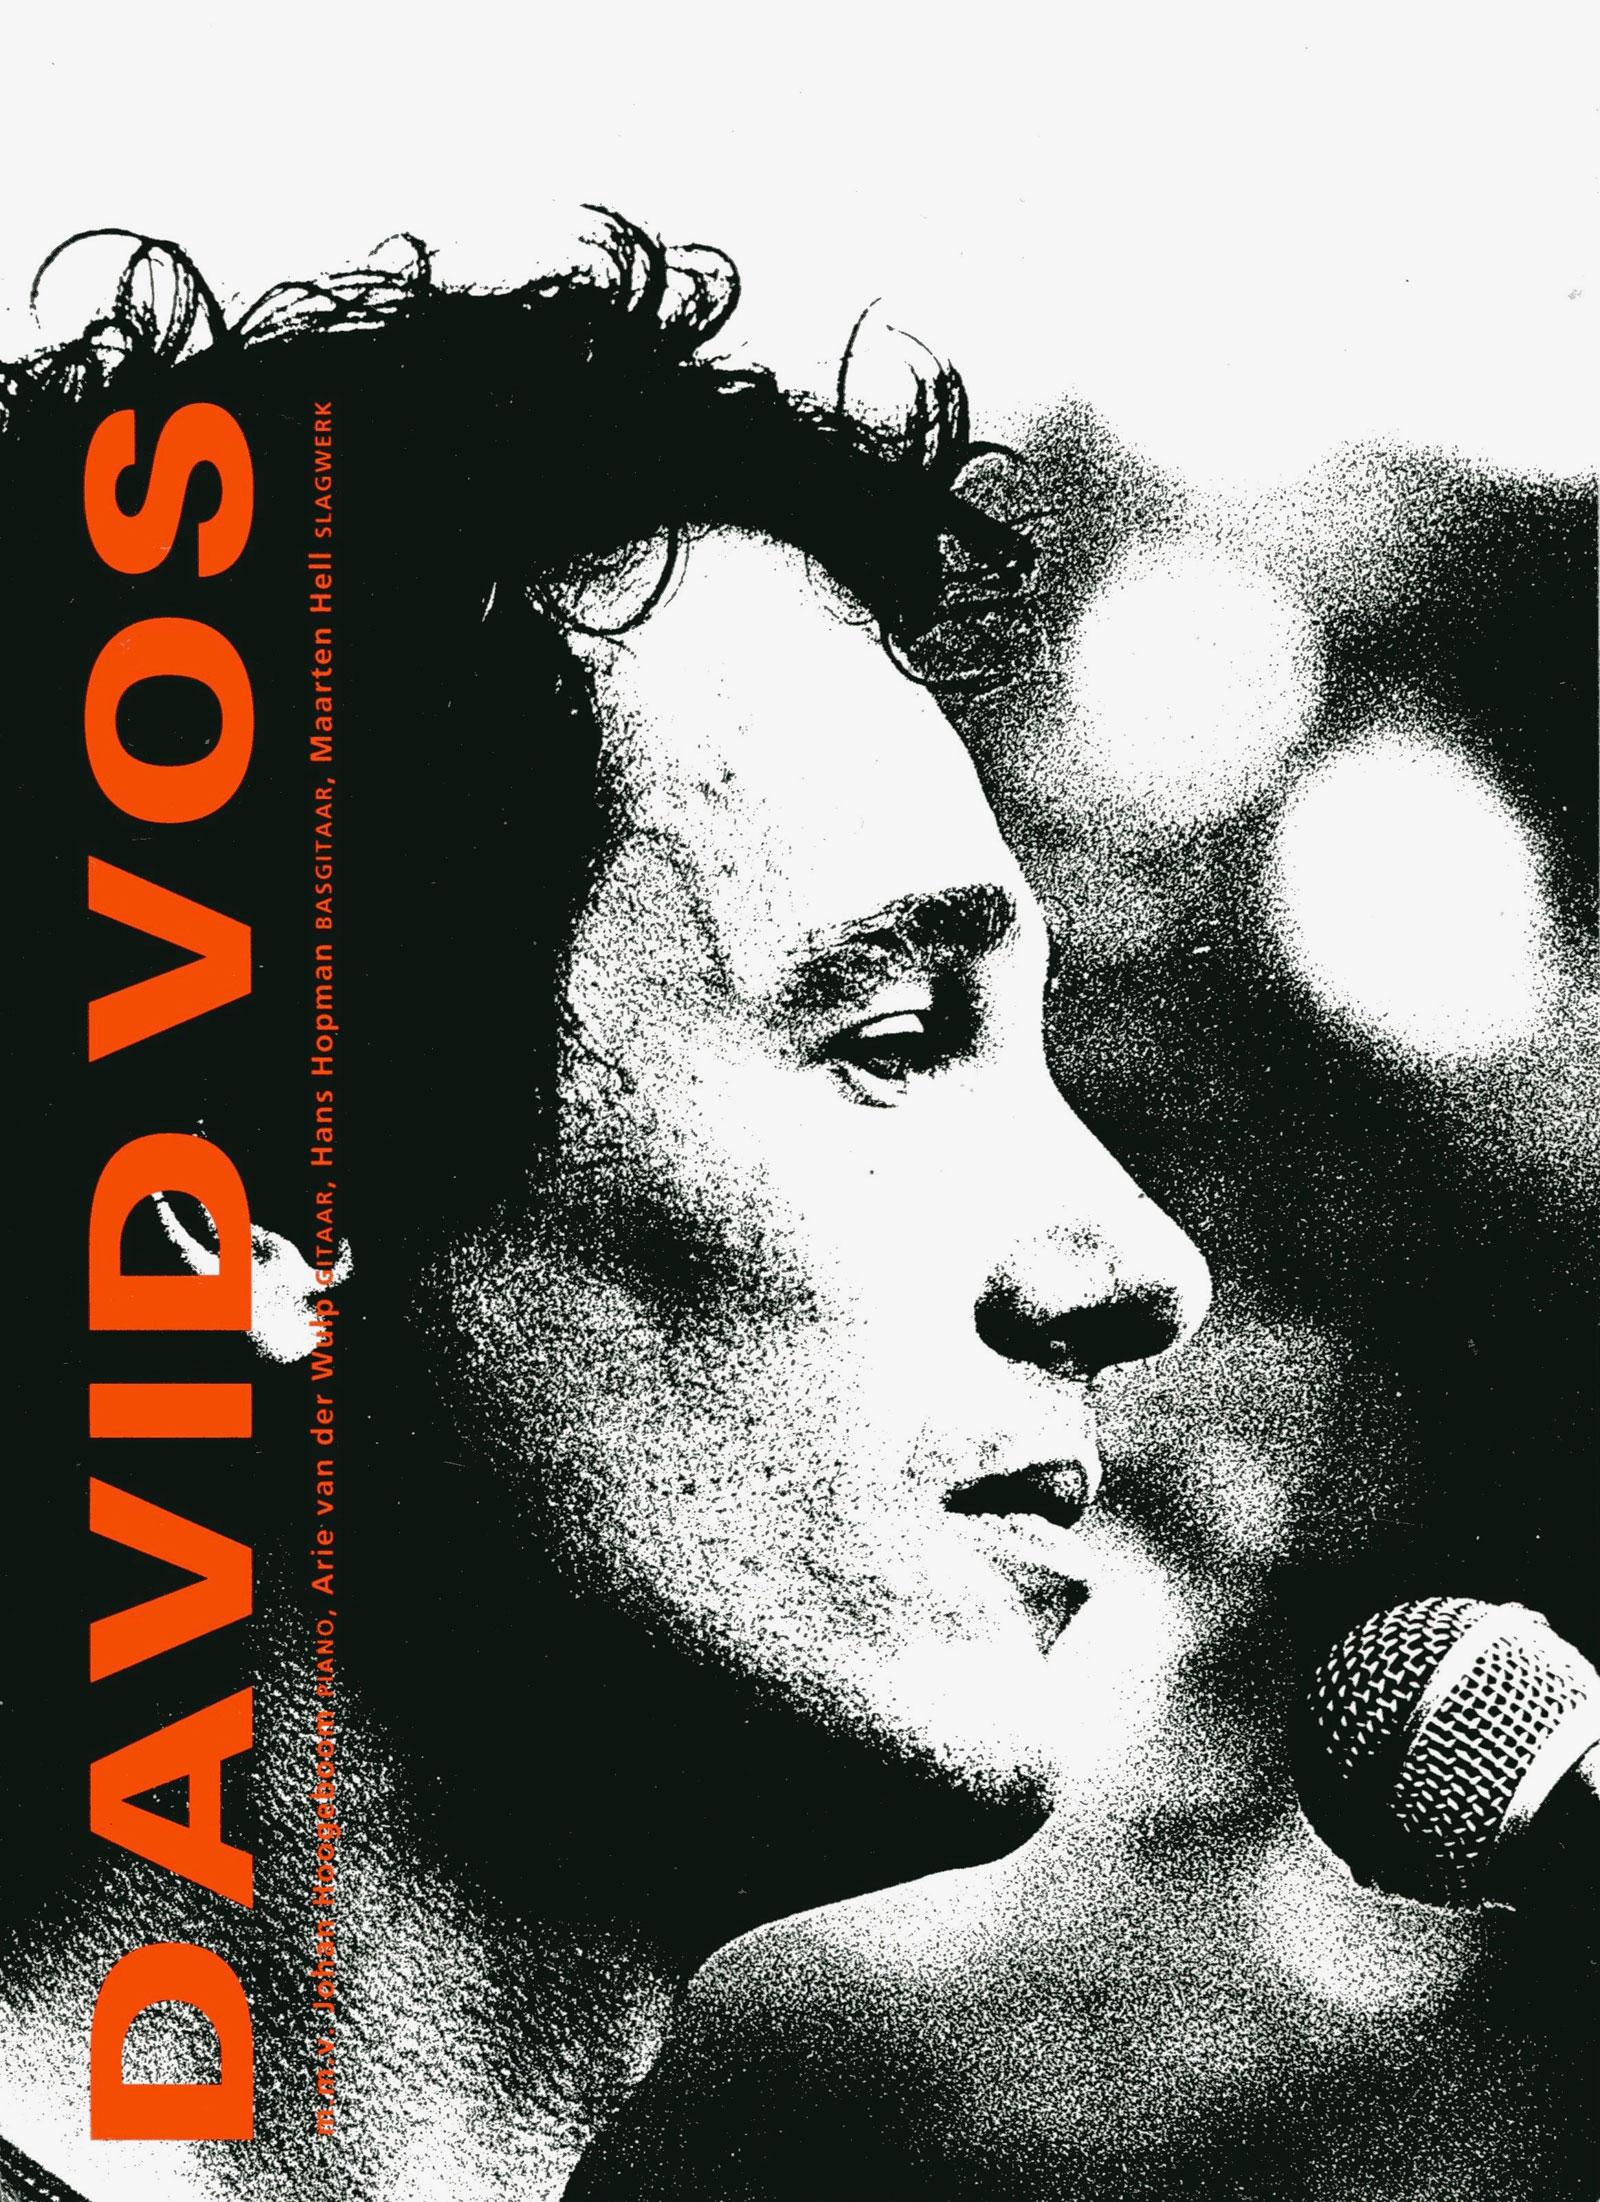 poster David Vos